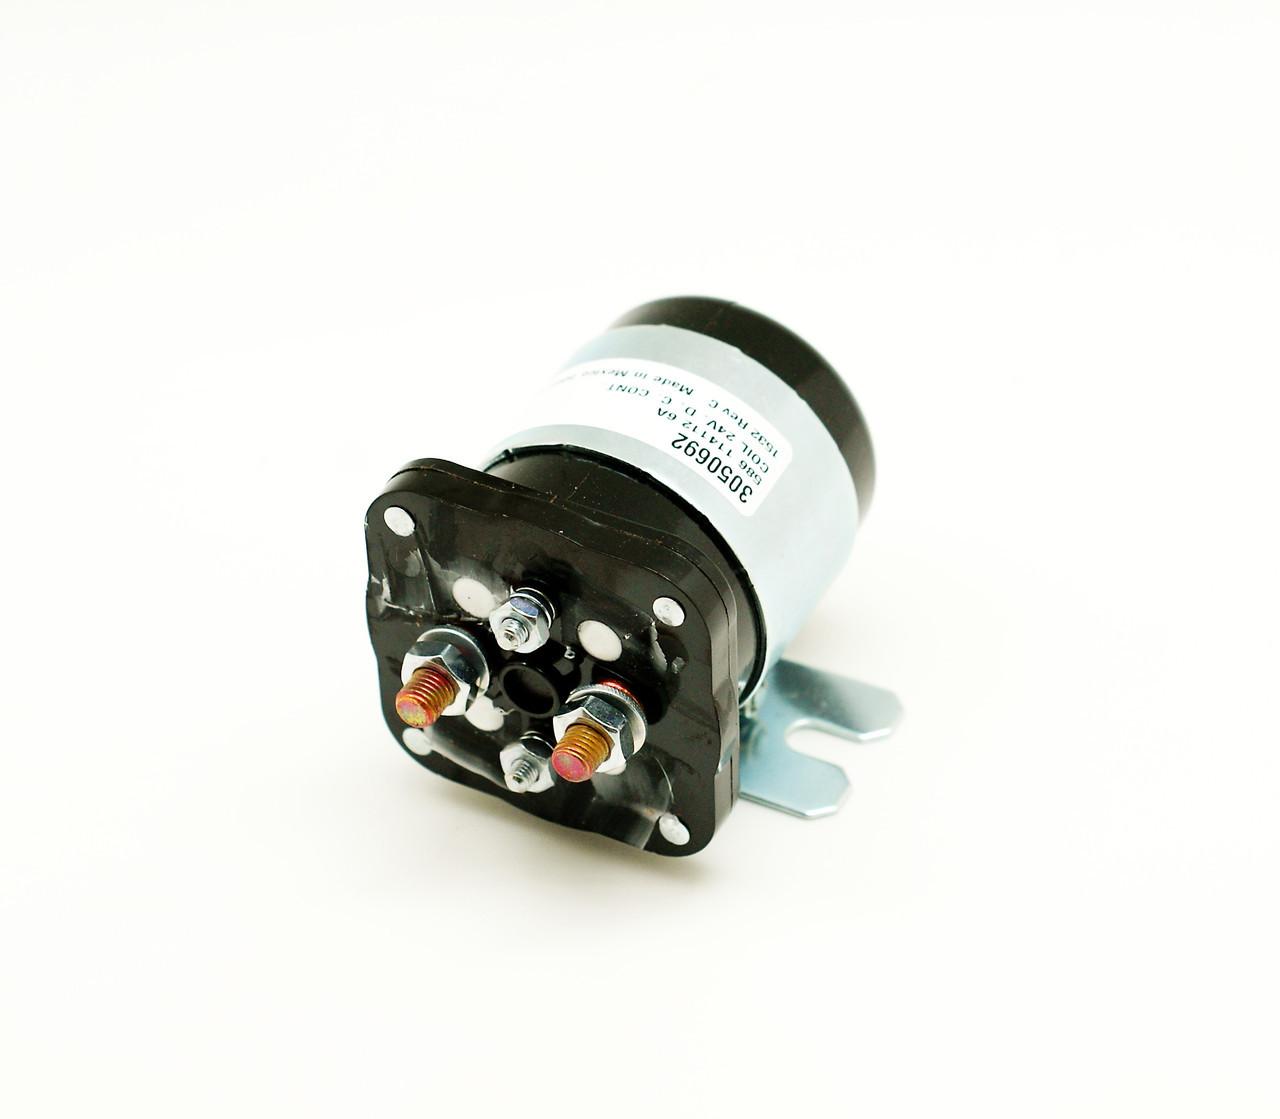 Электромагнитный выключатель (регулятор скорости; реле) Cummins NT  3050692